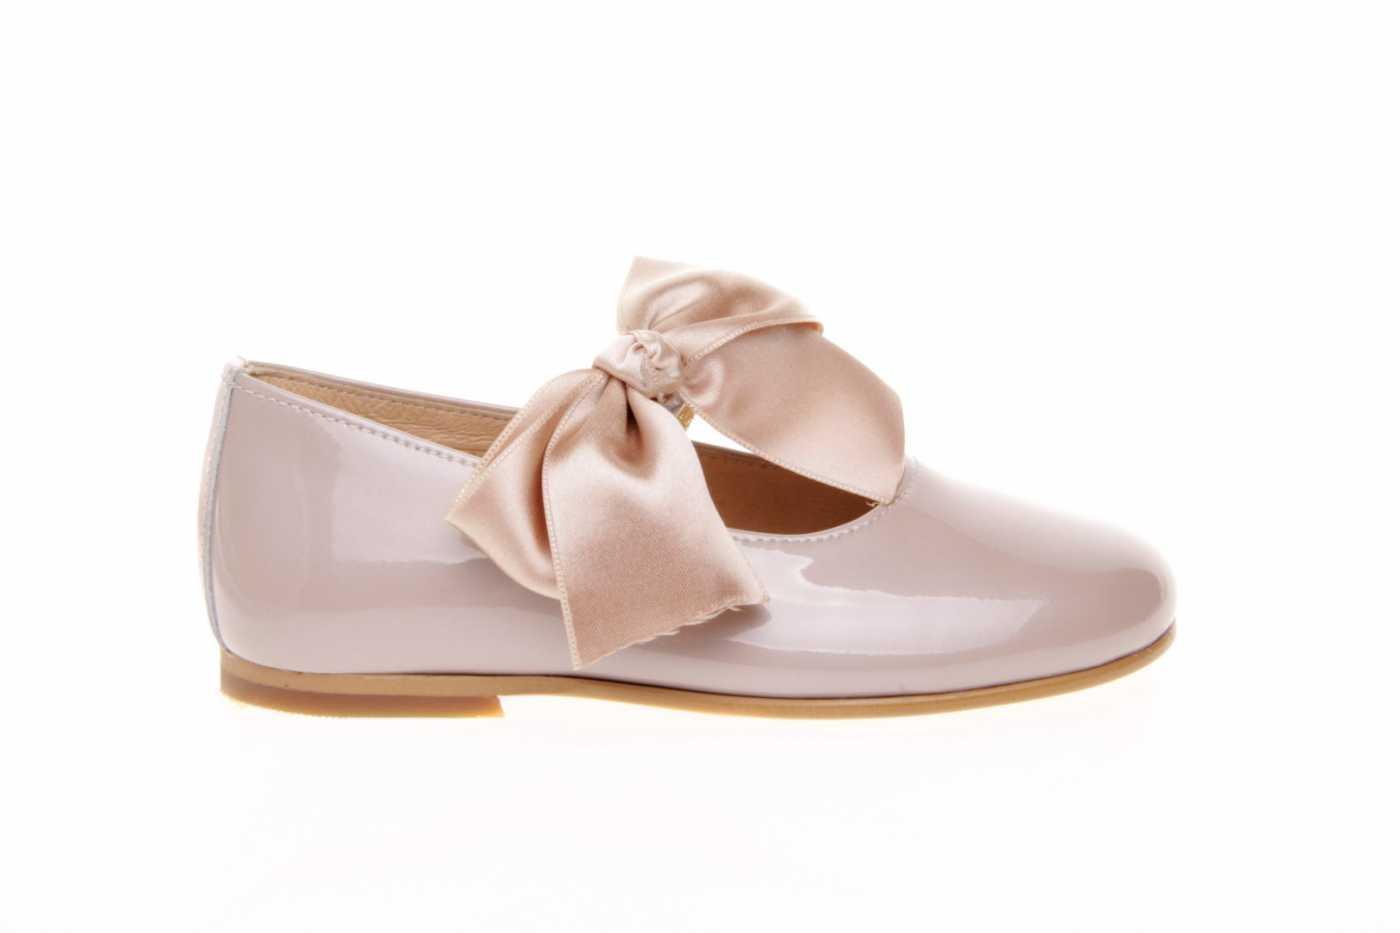 1195903cbd5 Comprar zapato tipo JOVEN NIÑA estilo MERCEDES COLOR CAMEL CHAROL ...